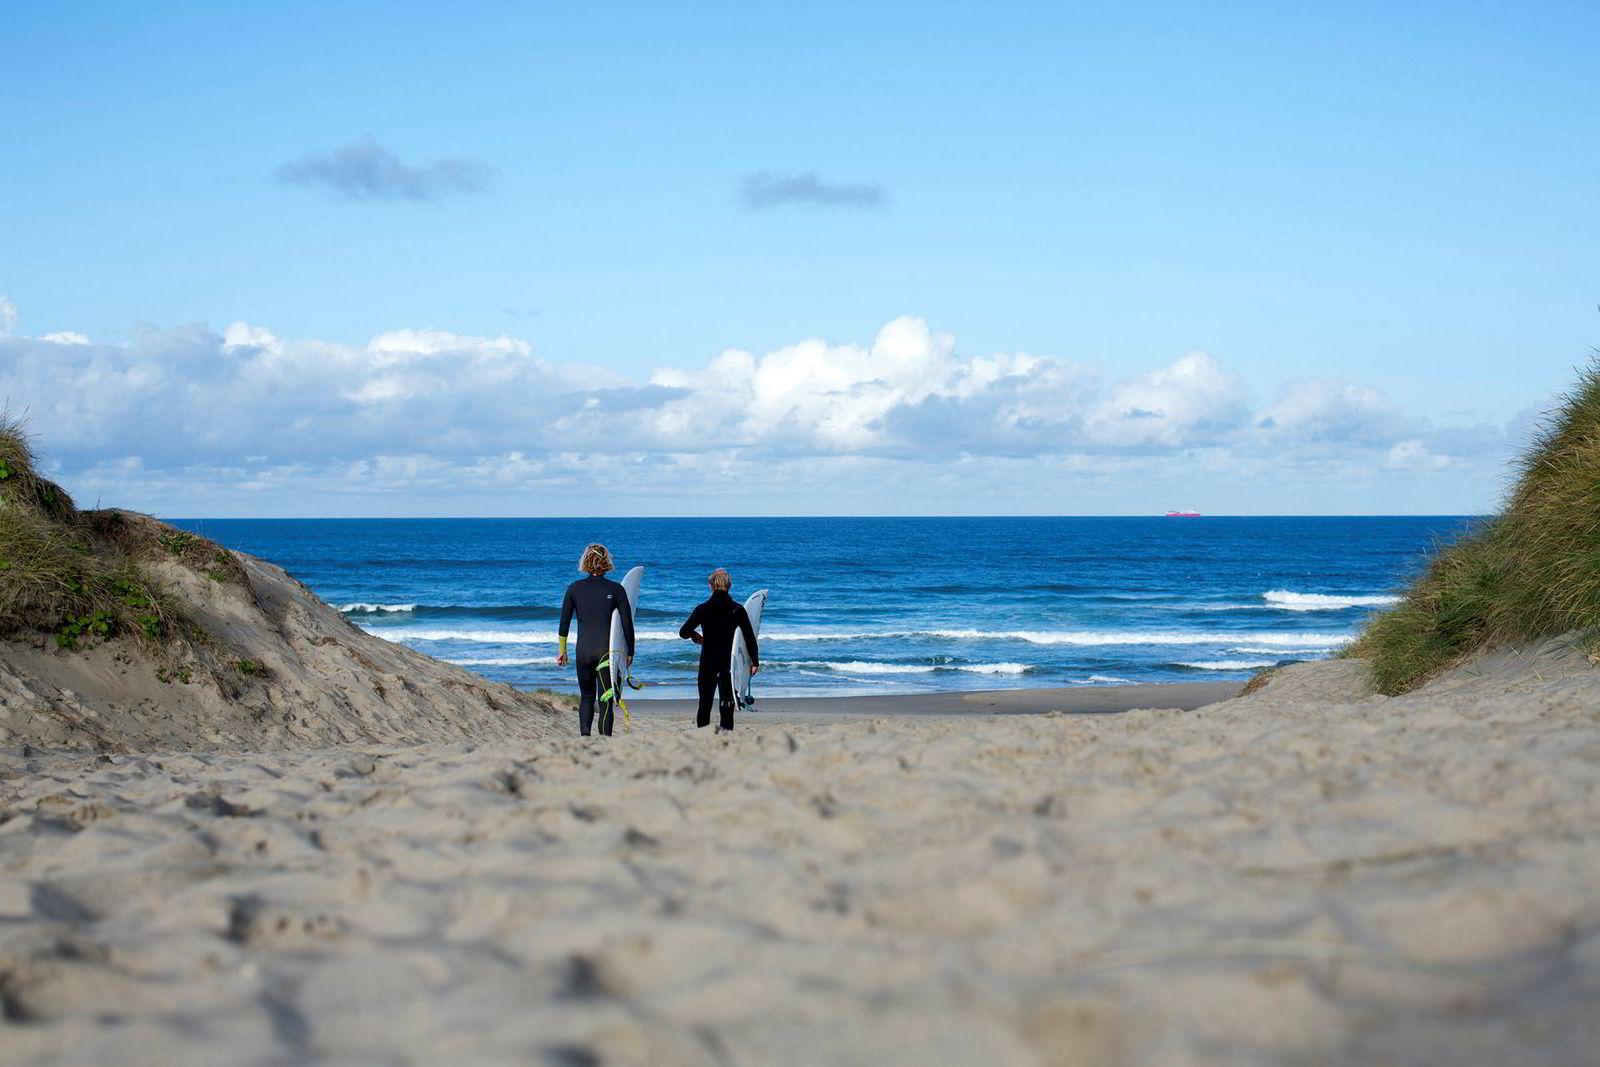 Daniel Holand og Sturla Fagerhaug går ned til Borestranden for å surfe. Hver time i vannet er en treningsøkt, og nå skal det skal terpes på detaljer.